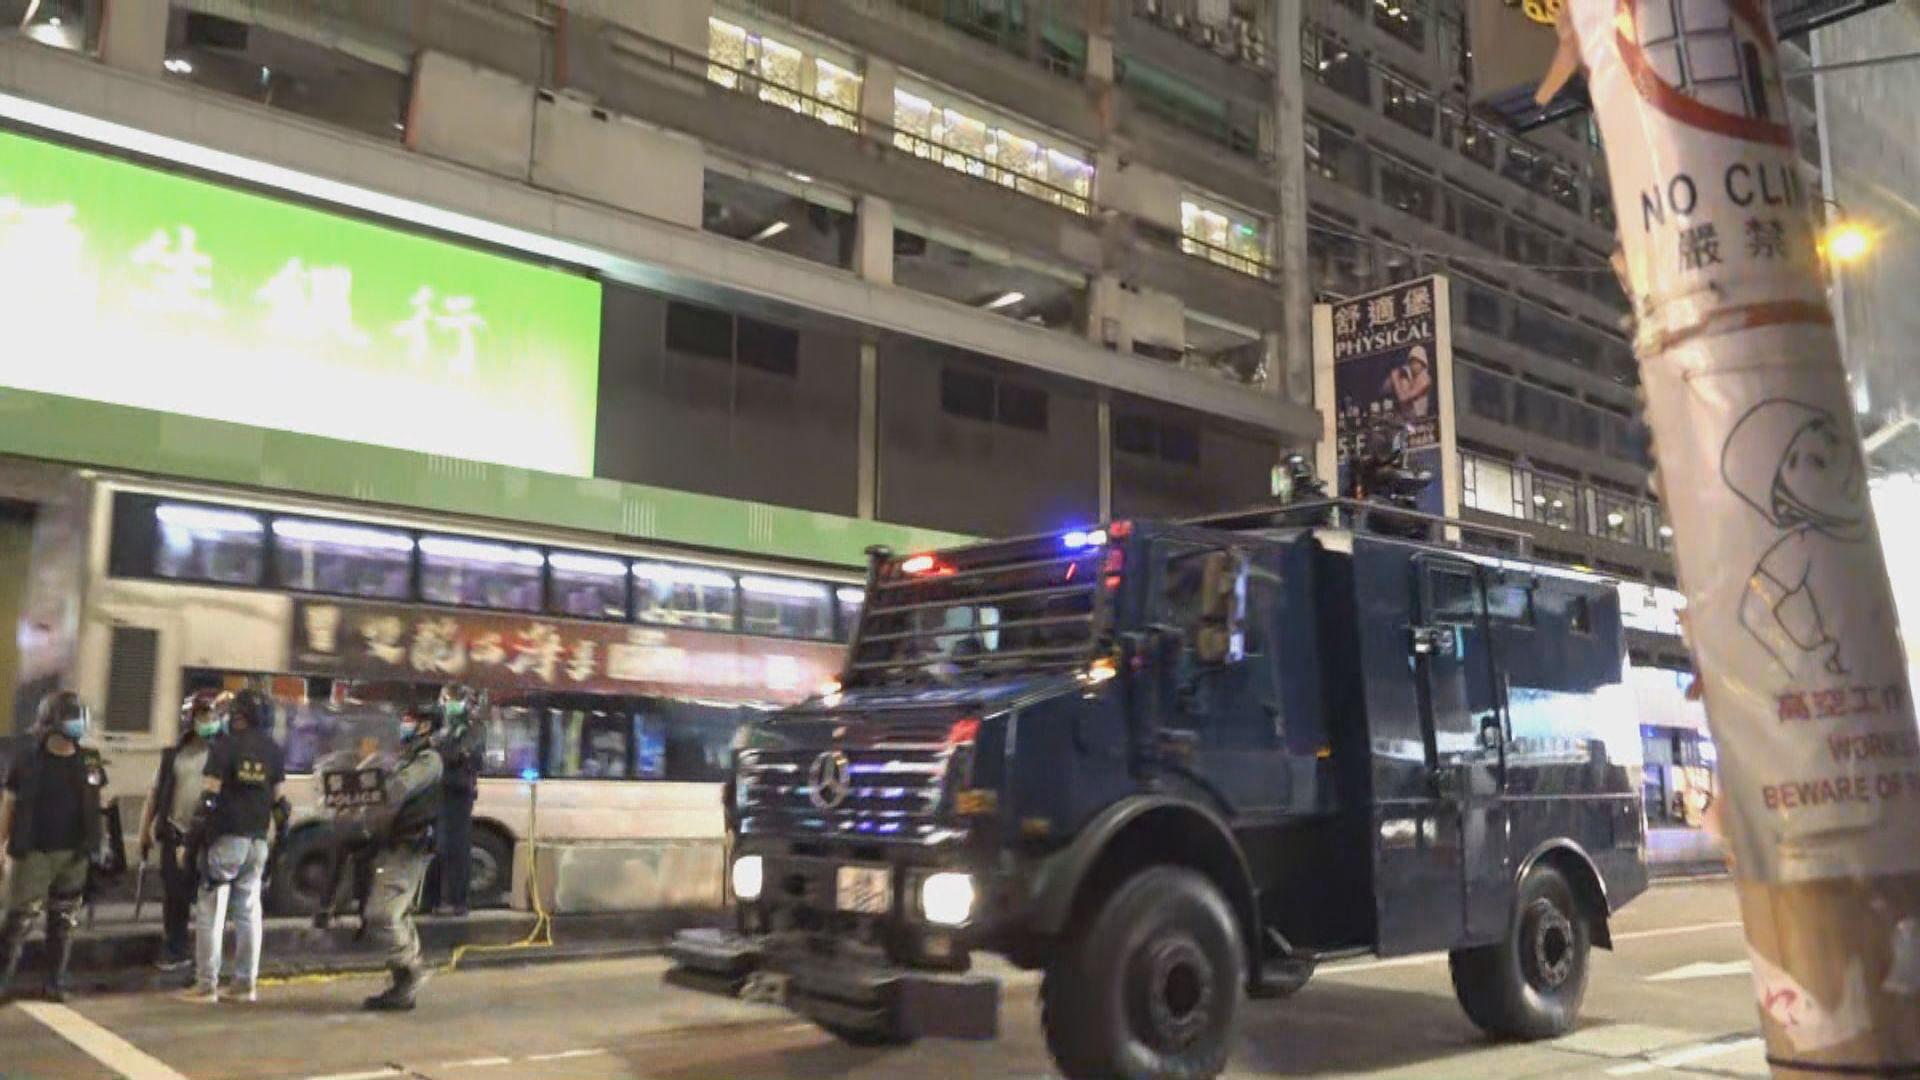 旺角晚上有人群聚集 警出動裝甲車及水炮車戒備